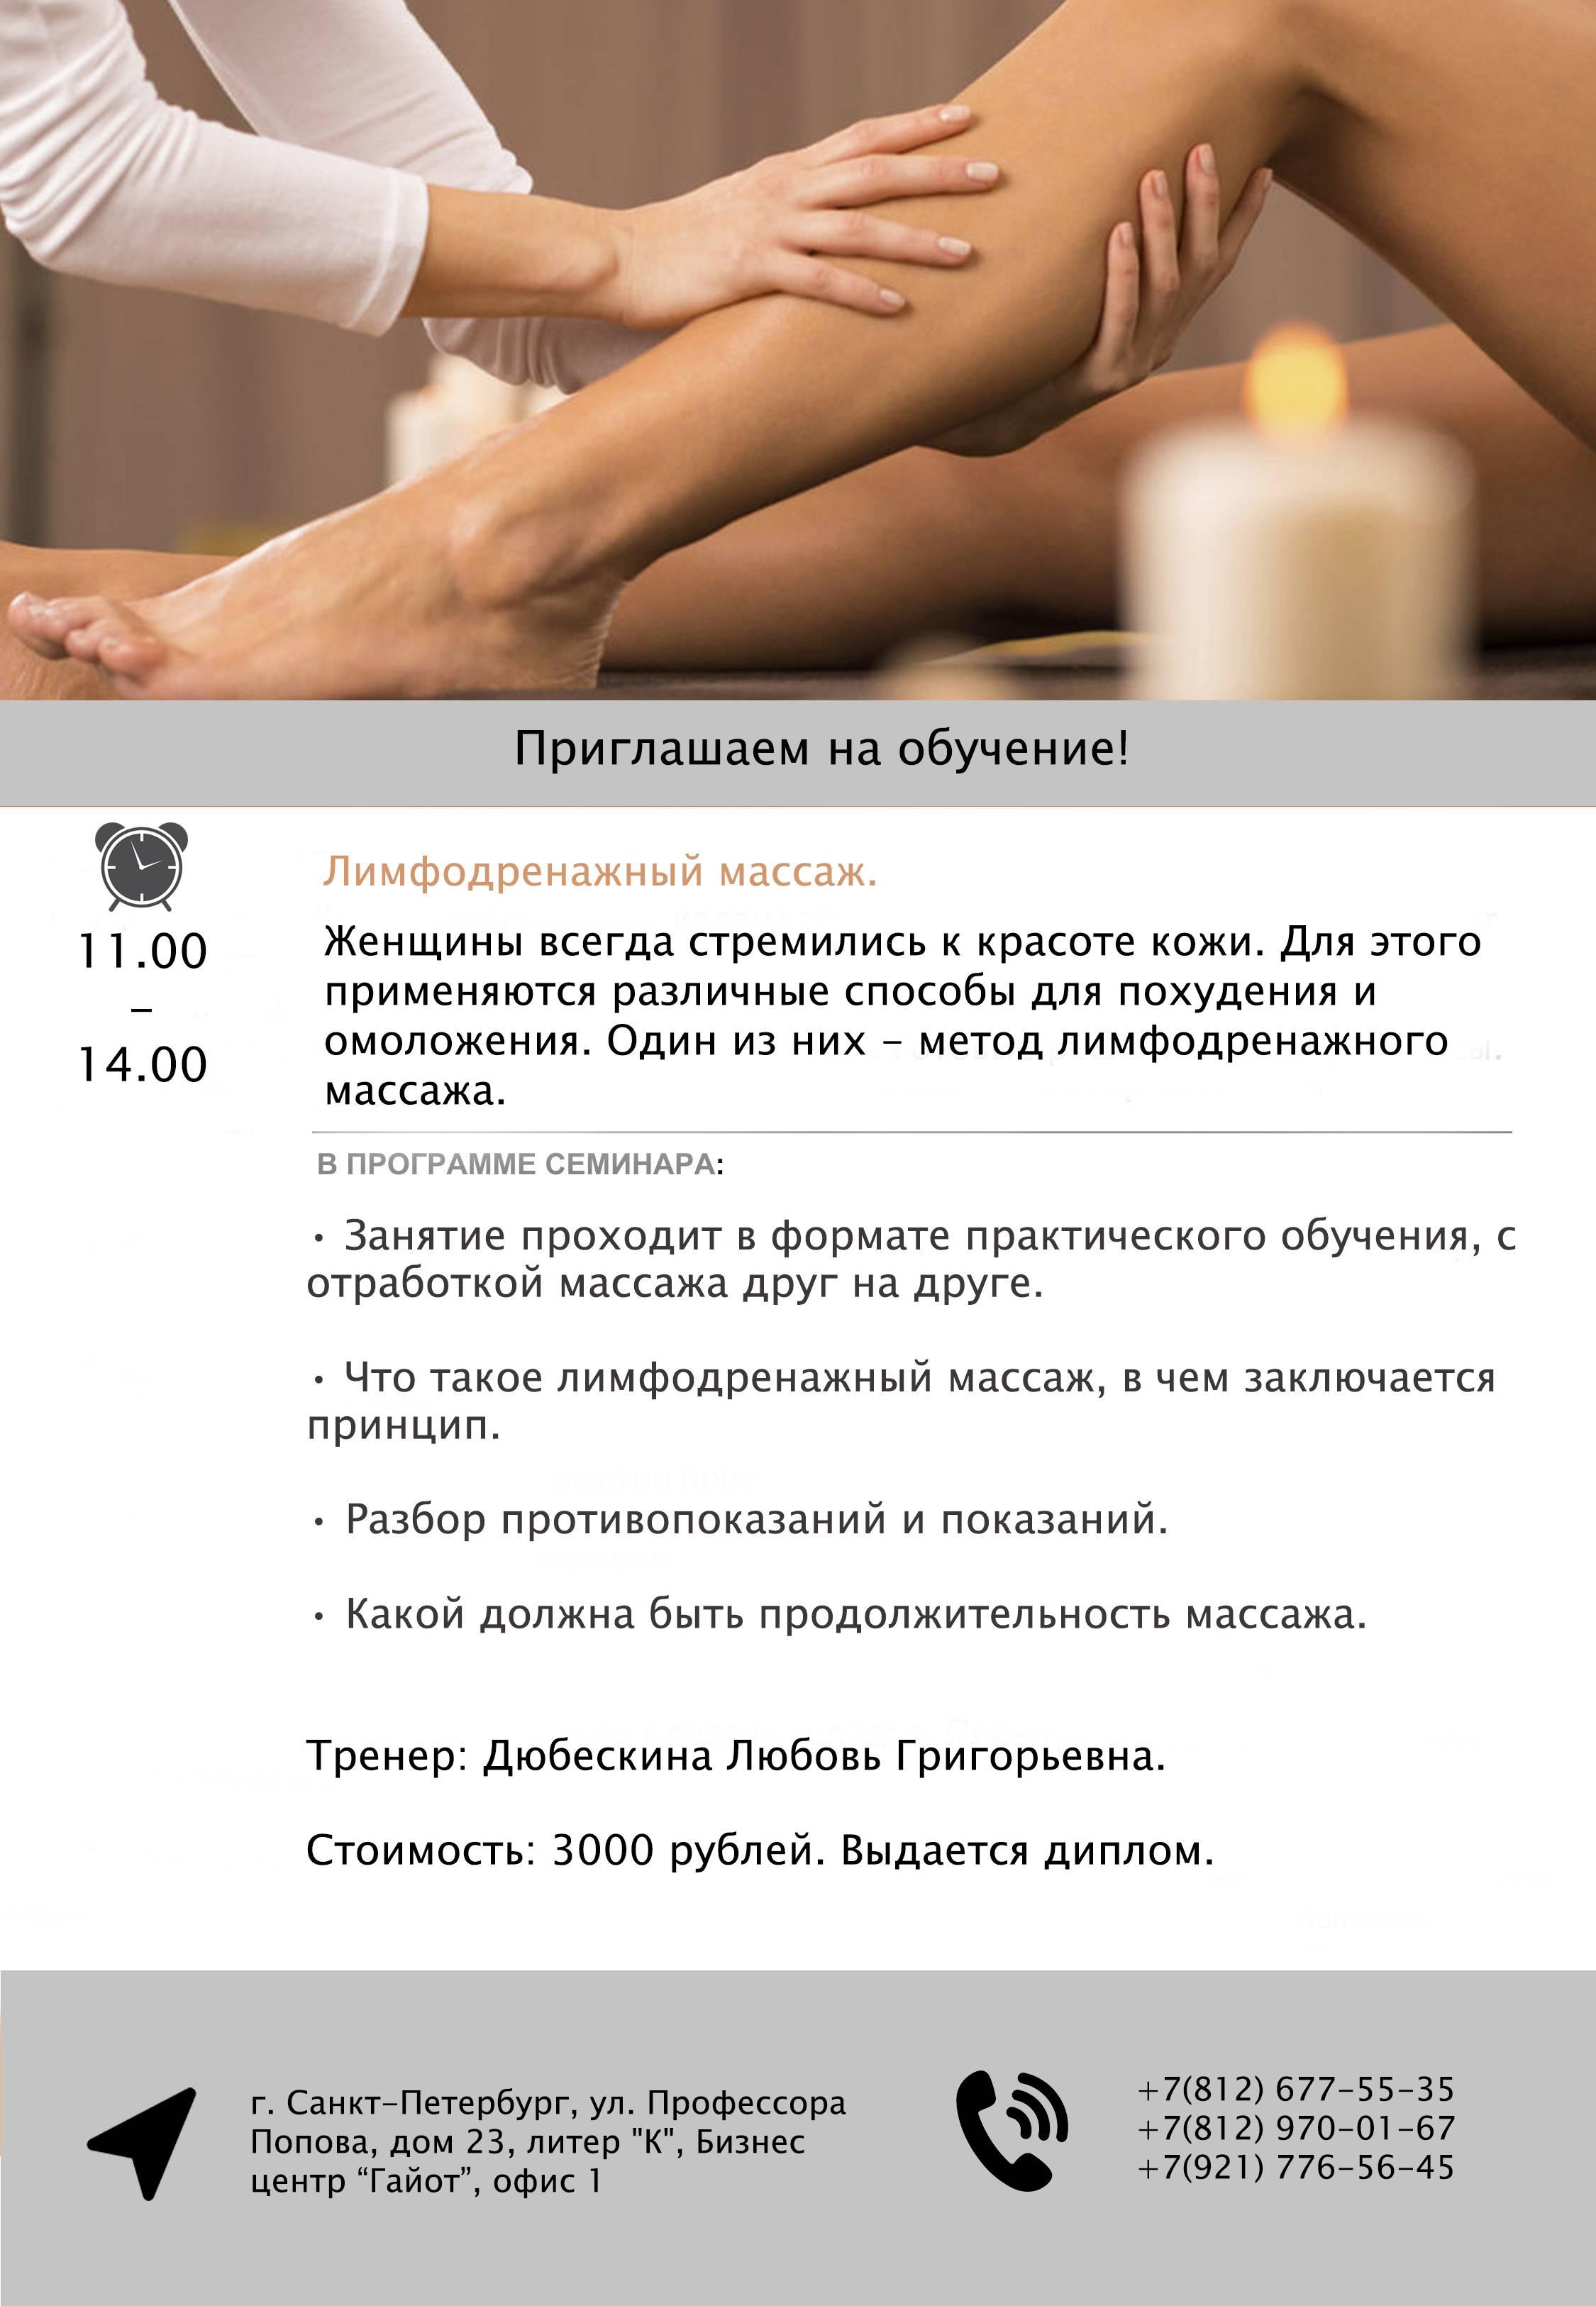 Лимфодренажный массаж: что это такое, особенности и техника выполнения